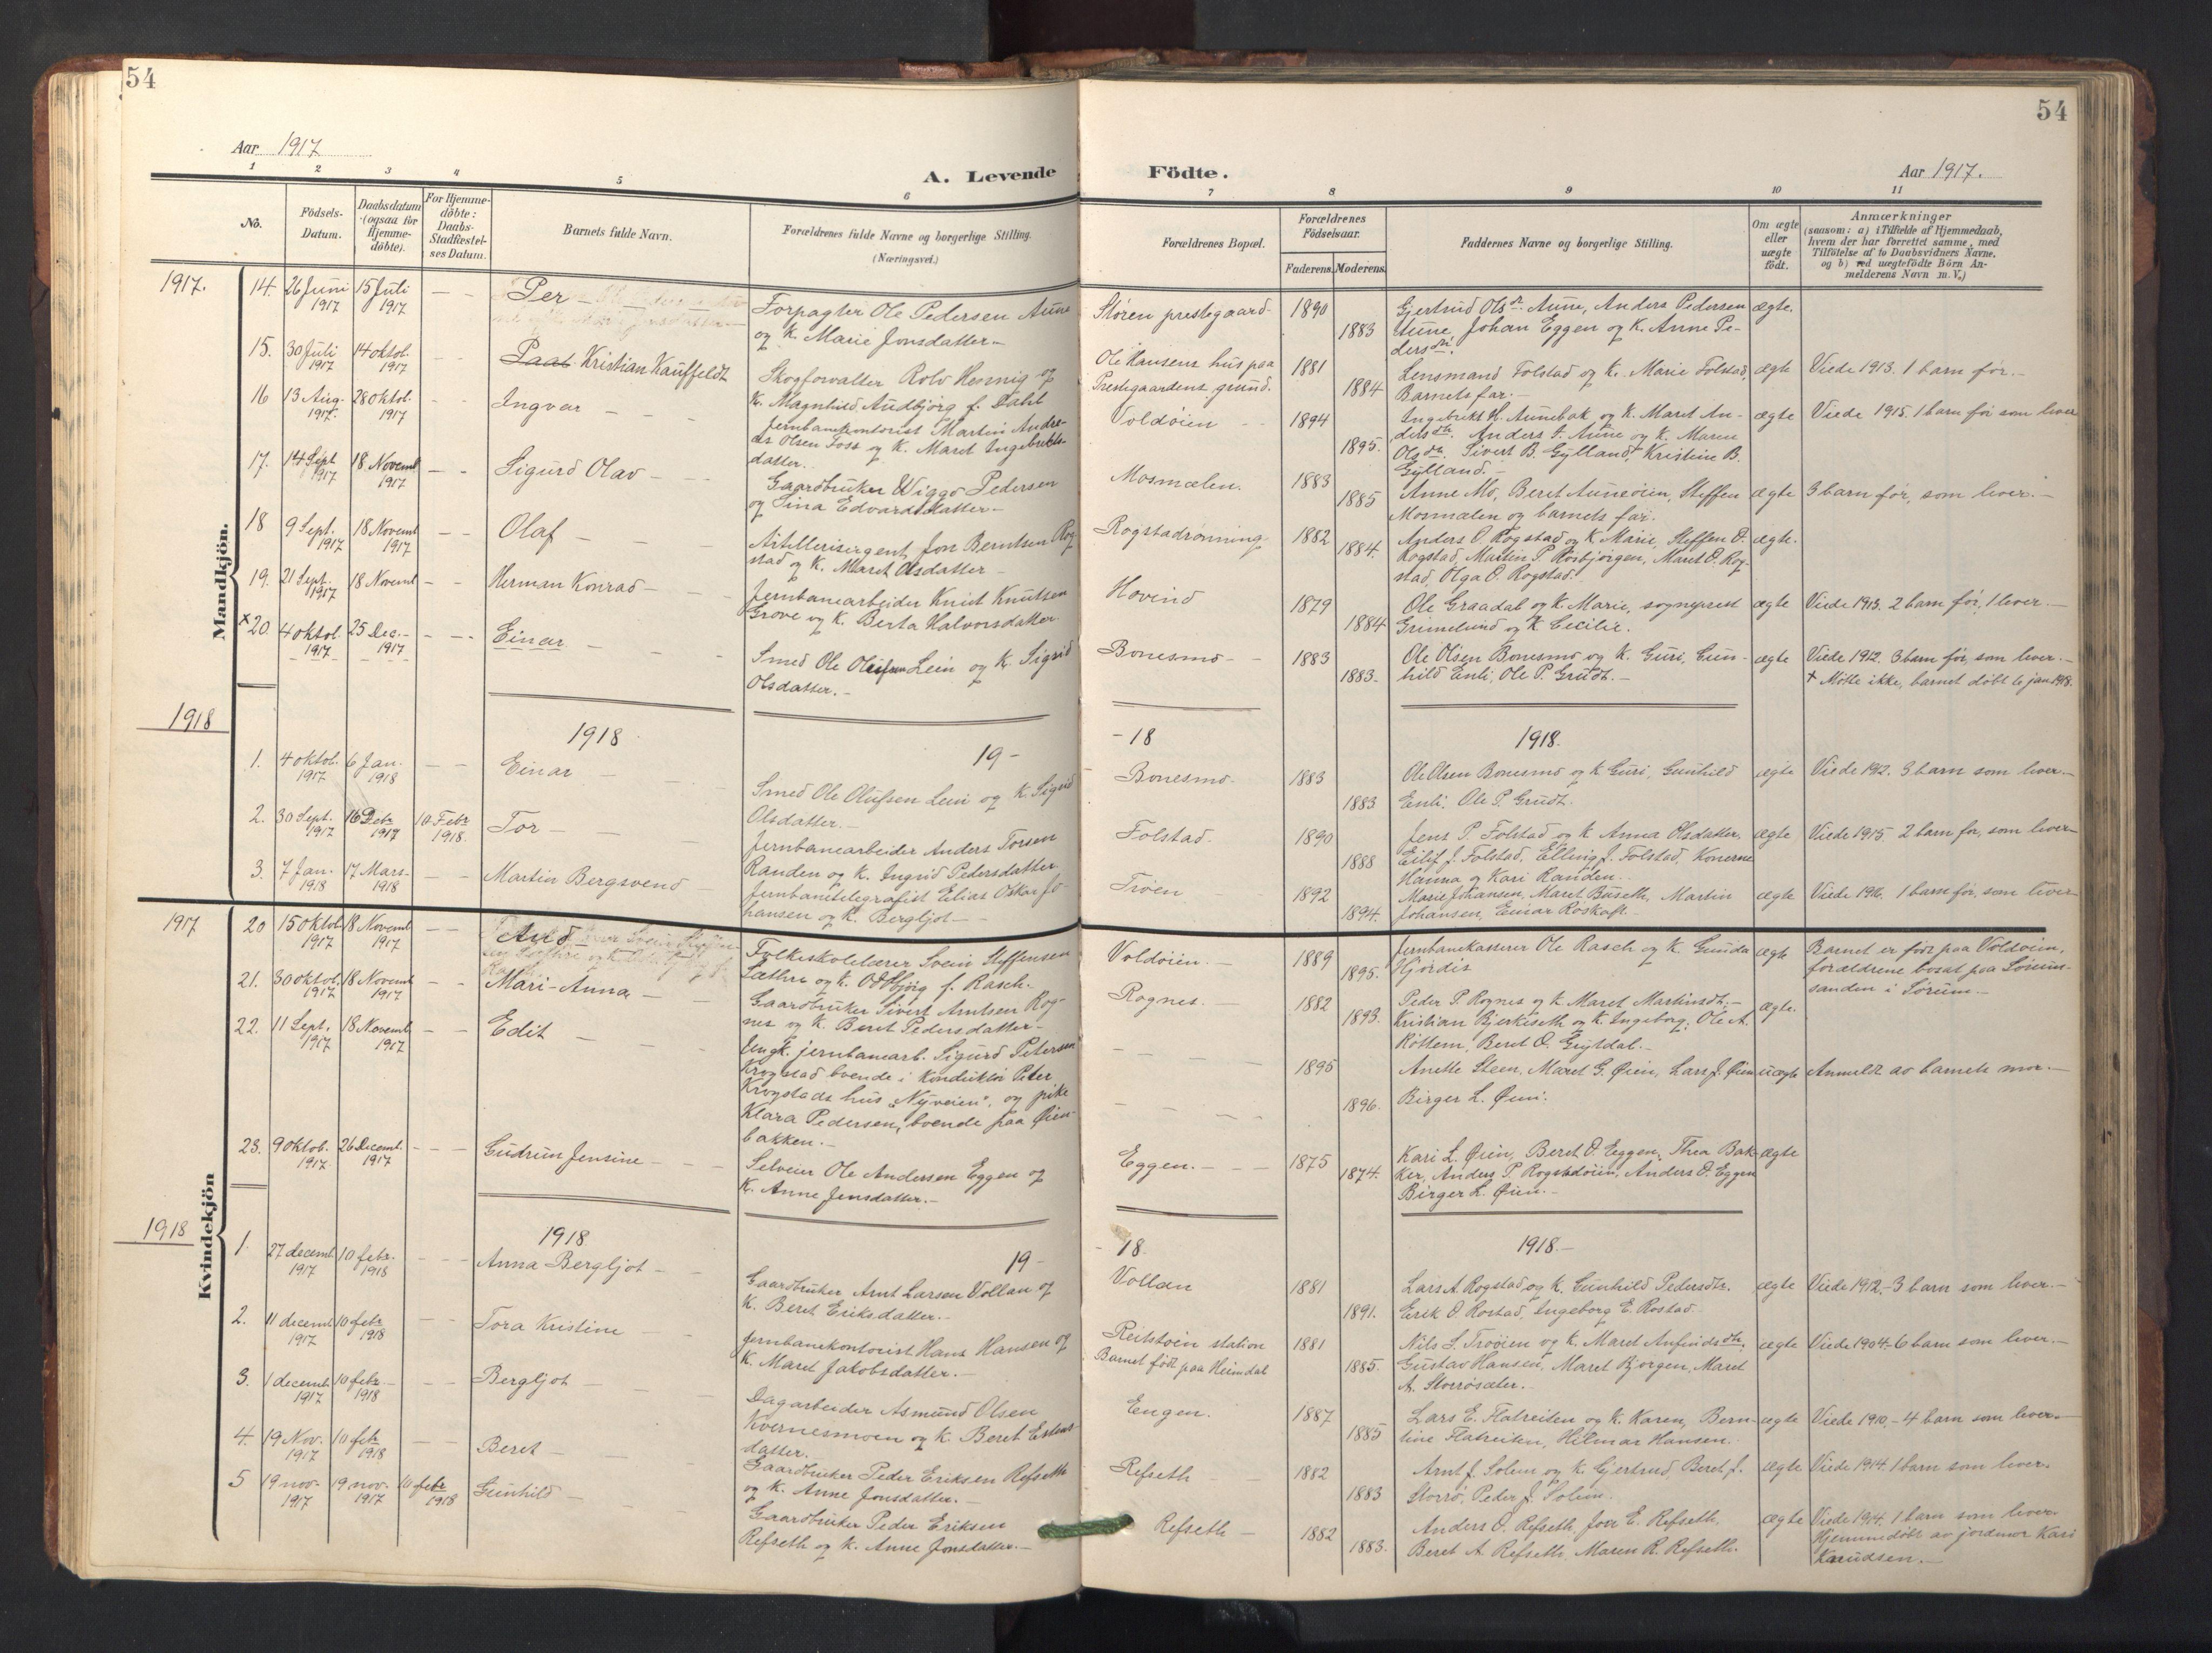 SAT, Ministerialprotokoller, klokkerbøker og fødselsregistre - Sør-Trøndelag, 687/L1019: Klokkerbok nr. 687C03, 1904-1931, s. 54